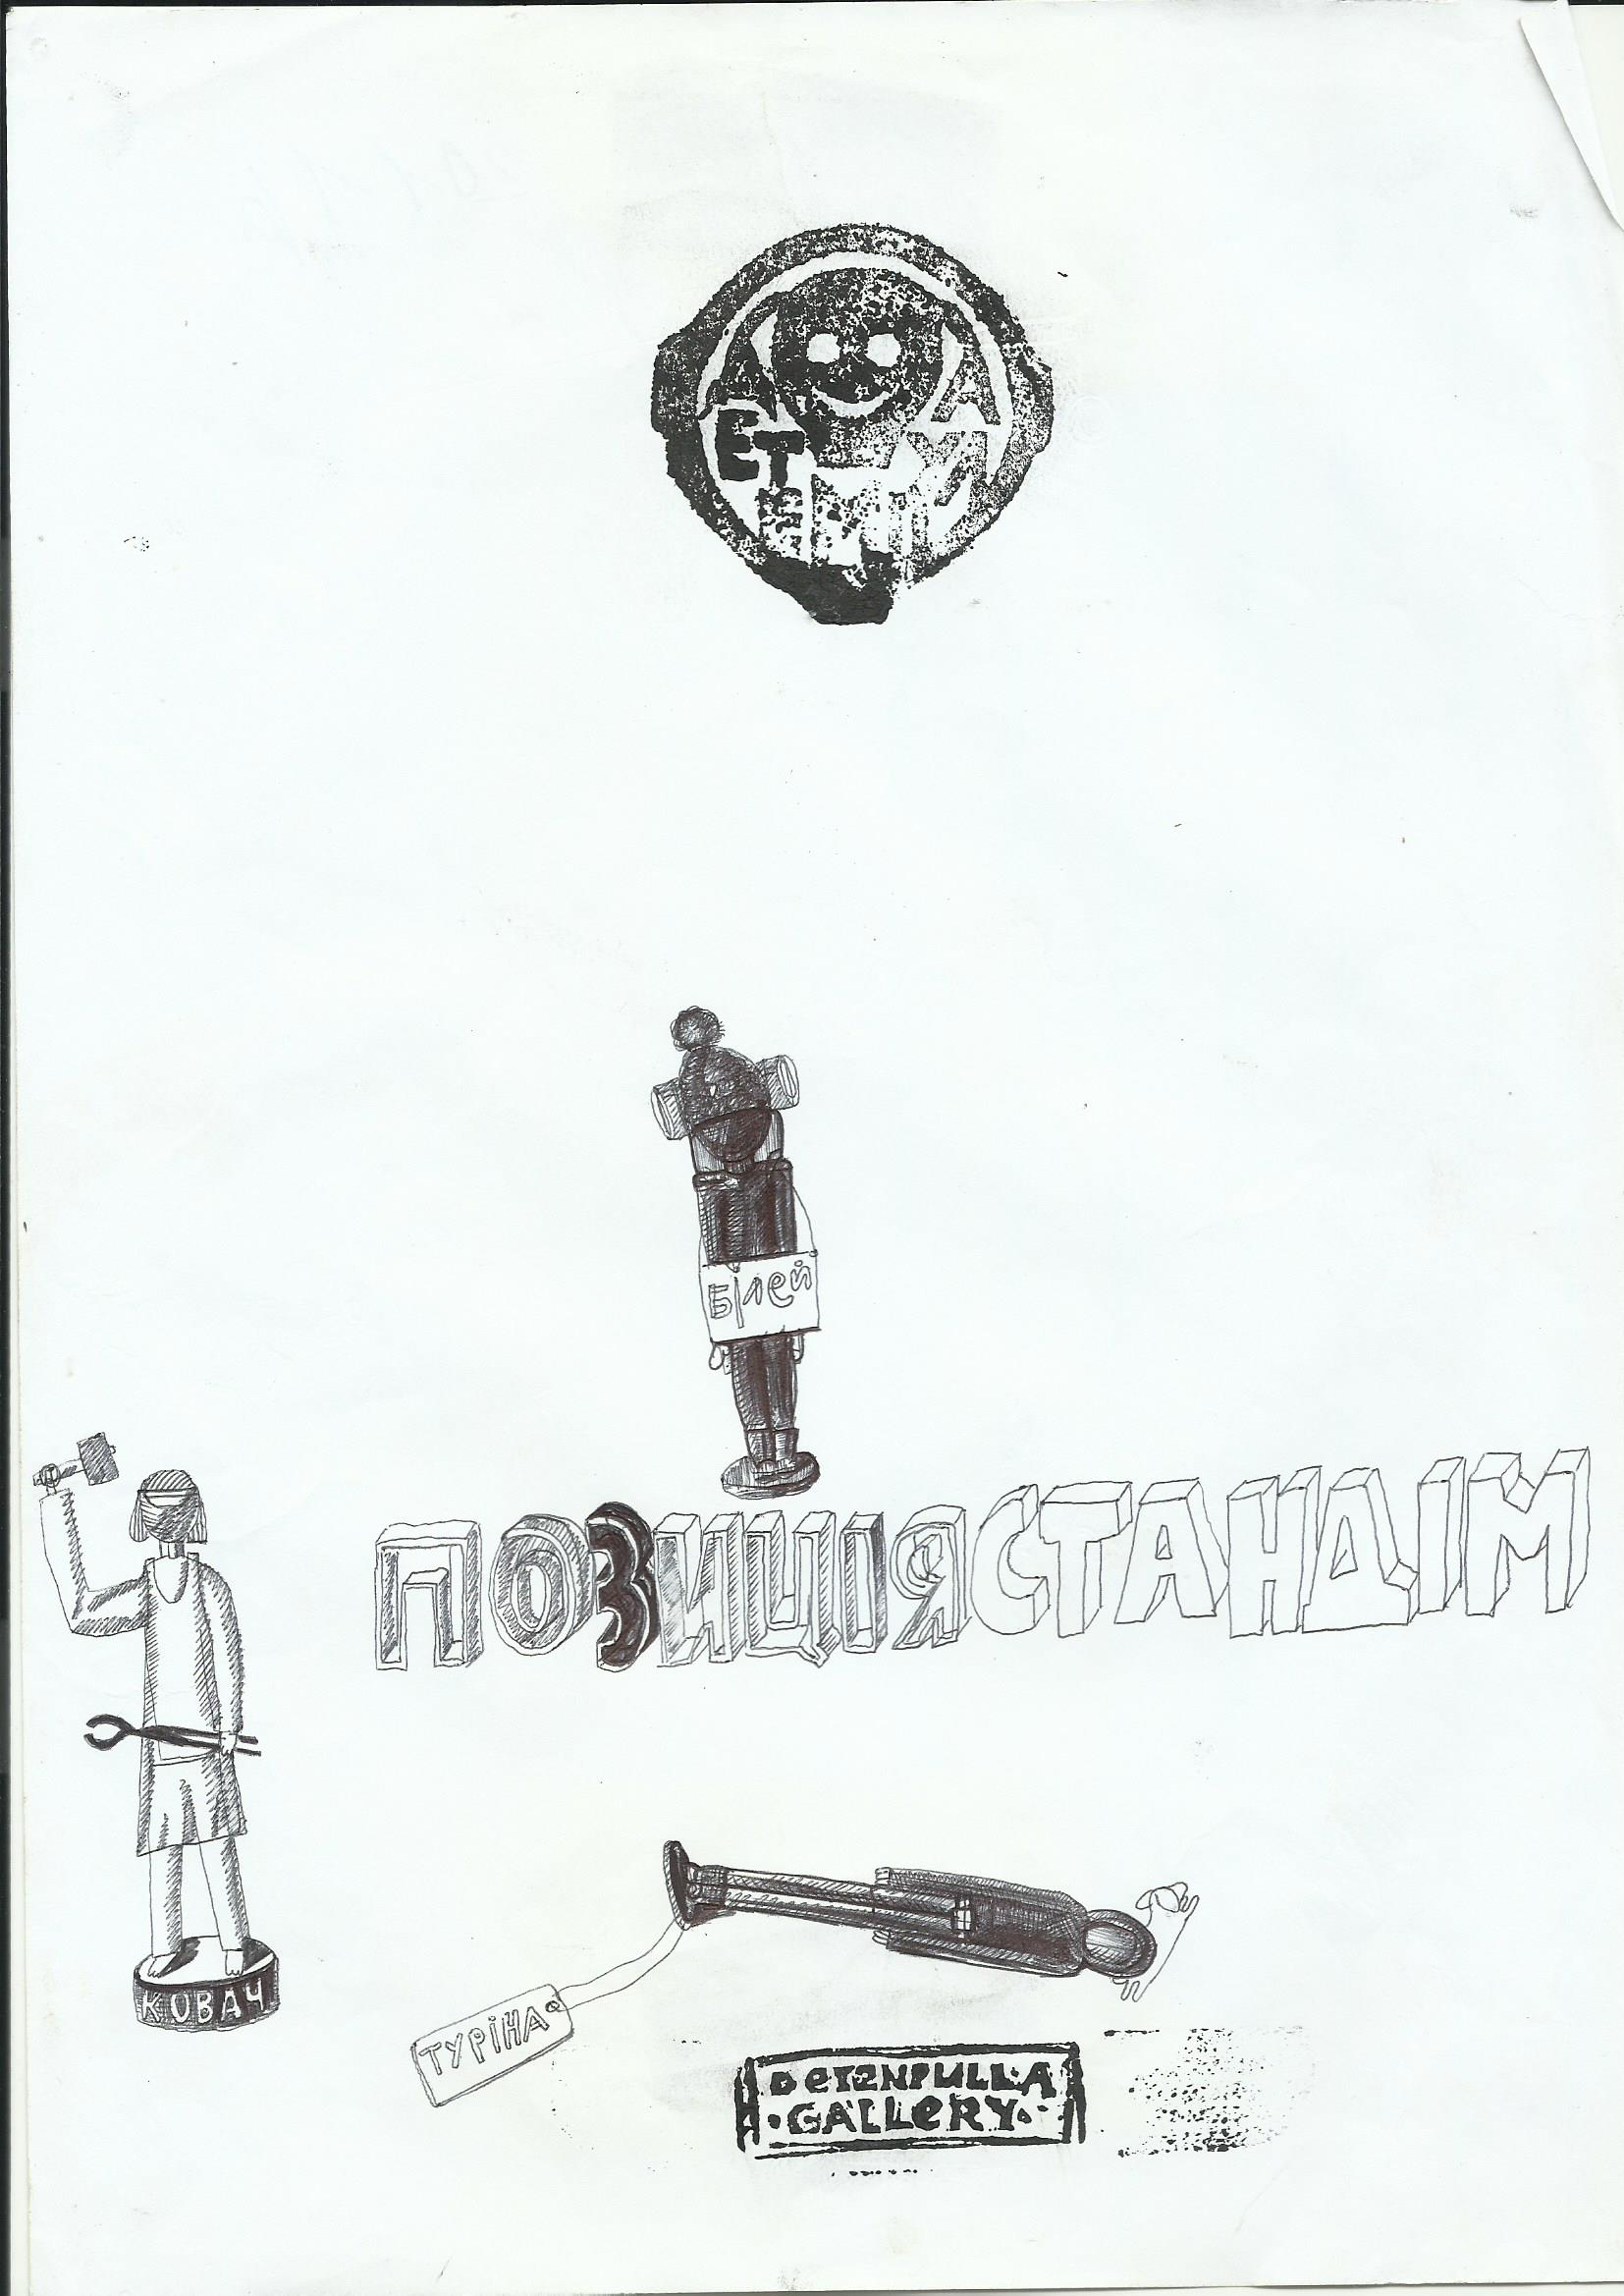 Афіша до виставки Юрія Білея та Станіслава Туріни «Позиція Стандім». Автора плакату Станіслав Туріна